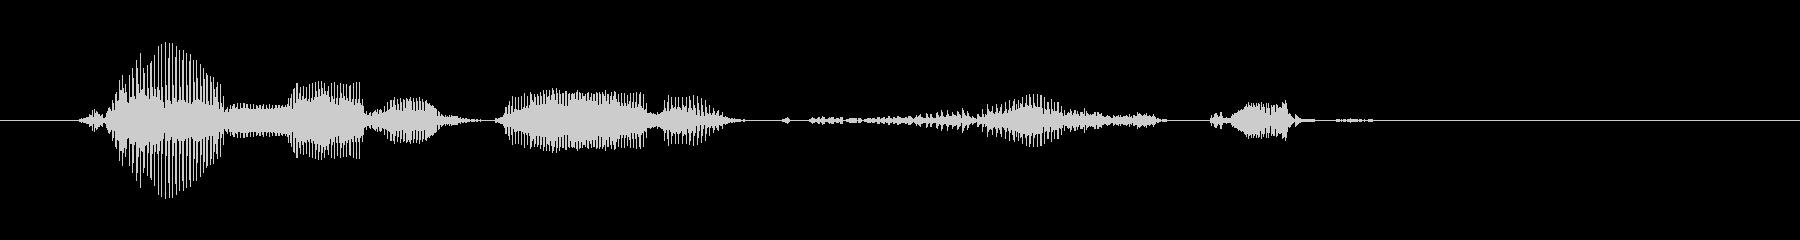 チャンネル登録よろしくの未再生の波形